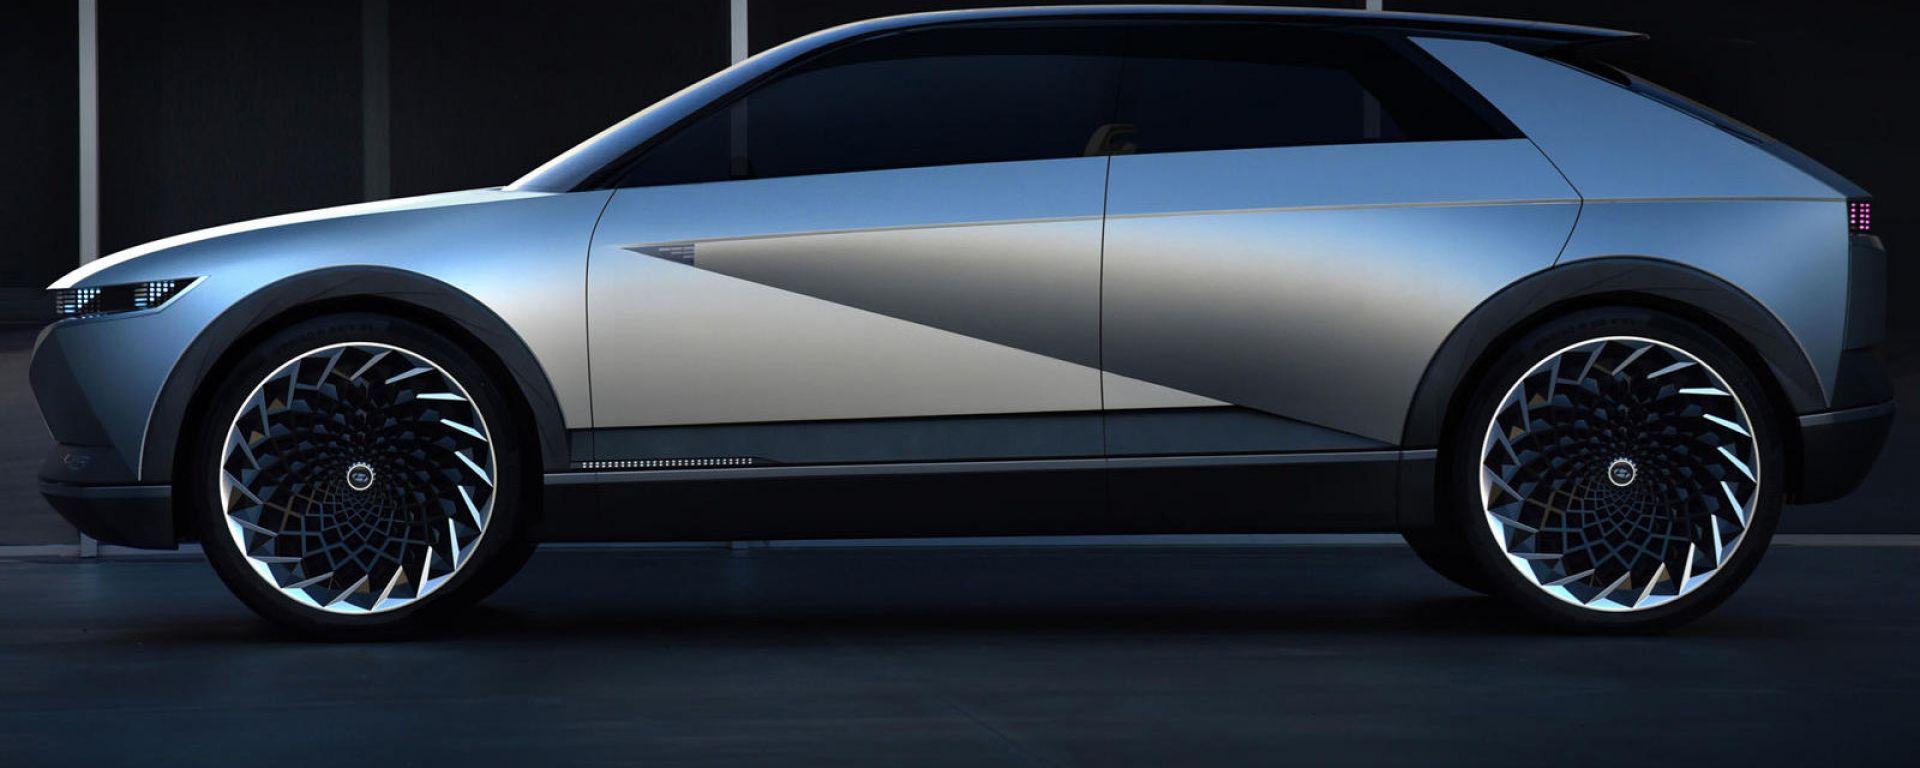 Hyundai concept 45: prefigura nuova Ioniq 5?